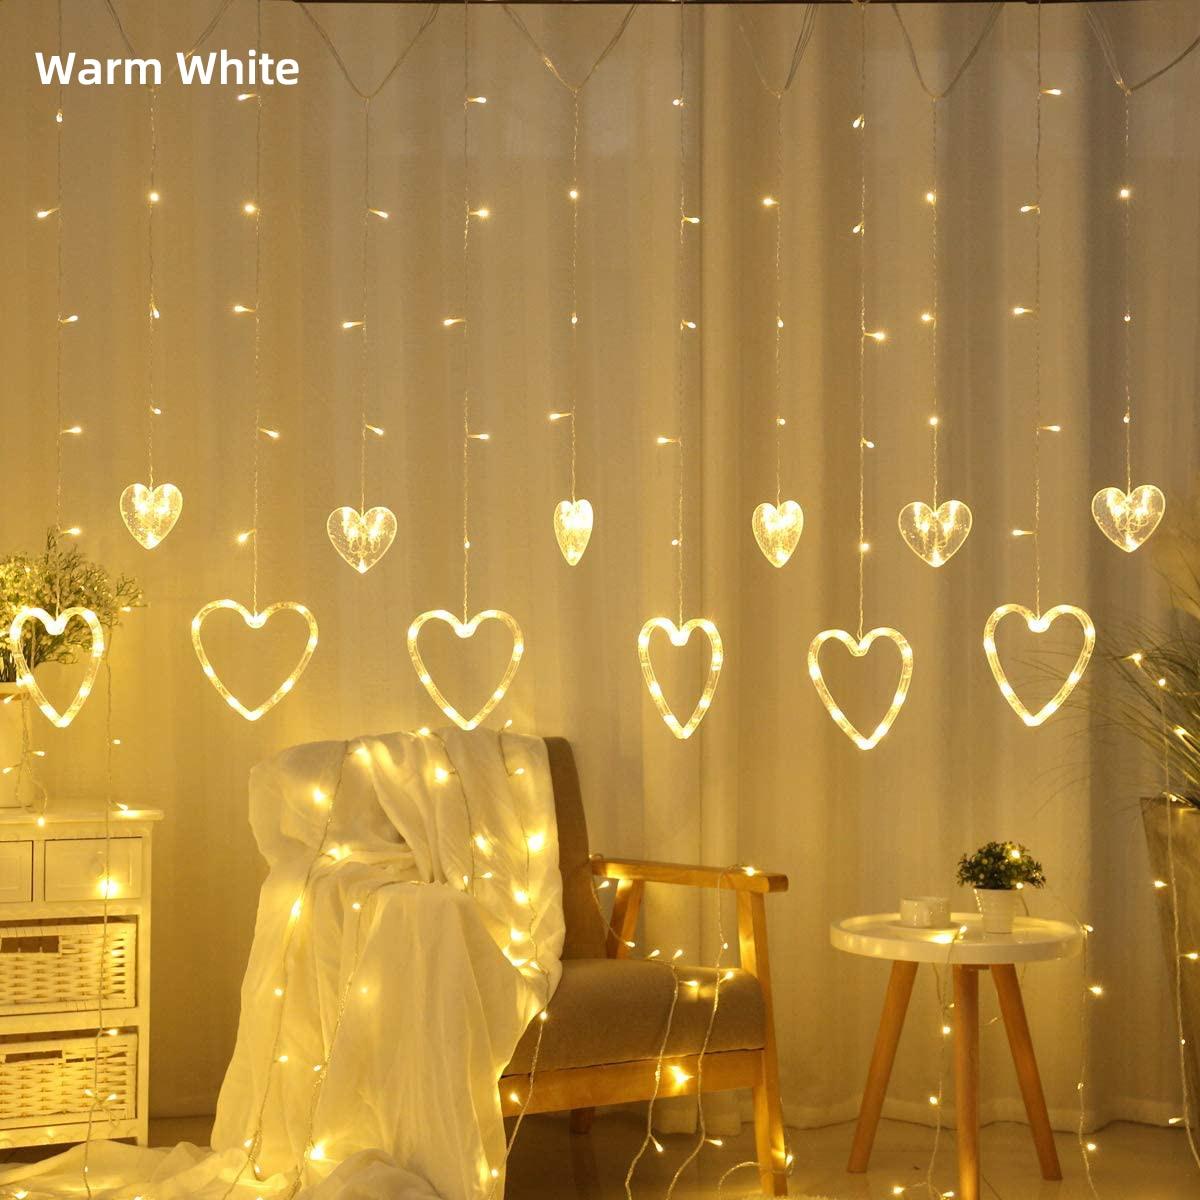 Рождественская USB + батарея/220 В занавеска в форме сердца 2x1,5 м сказочные огни занавески для гостиной светодиодный ные декоративные для спаль...